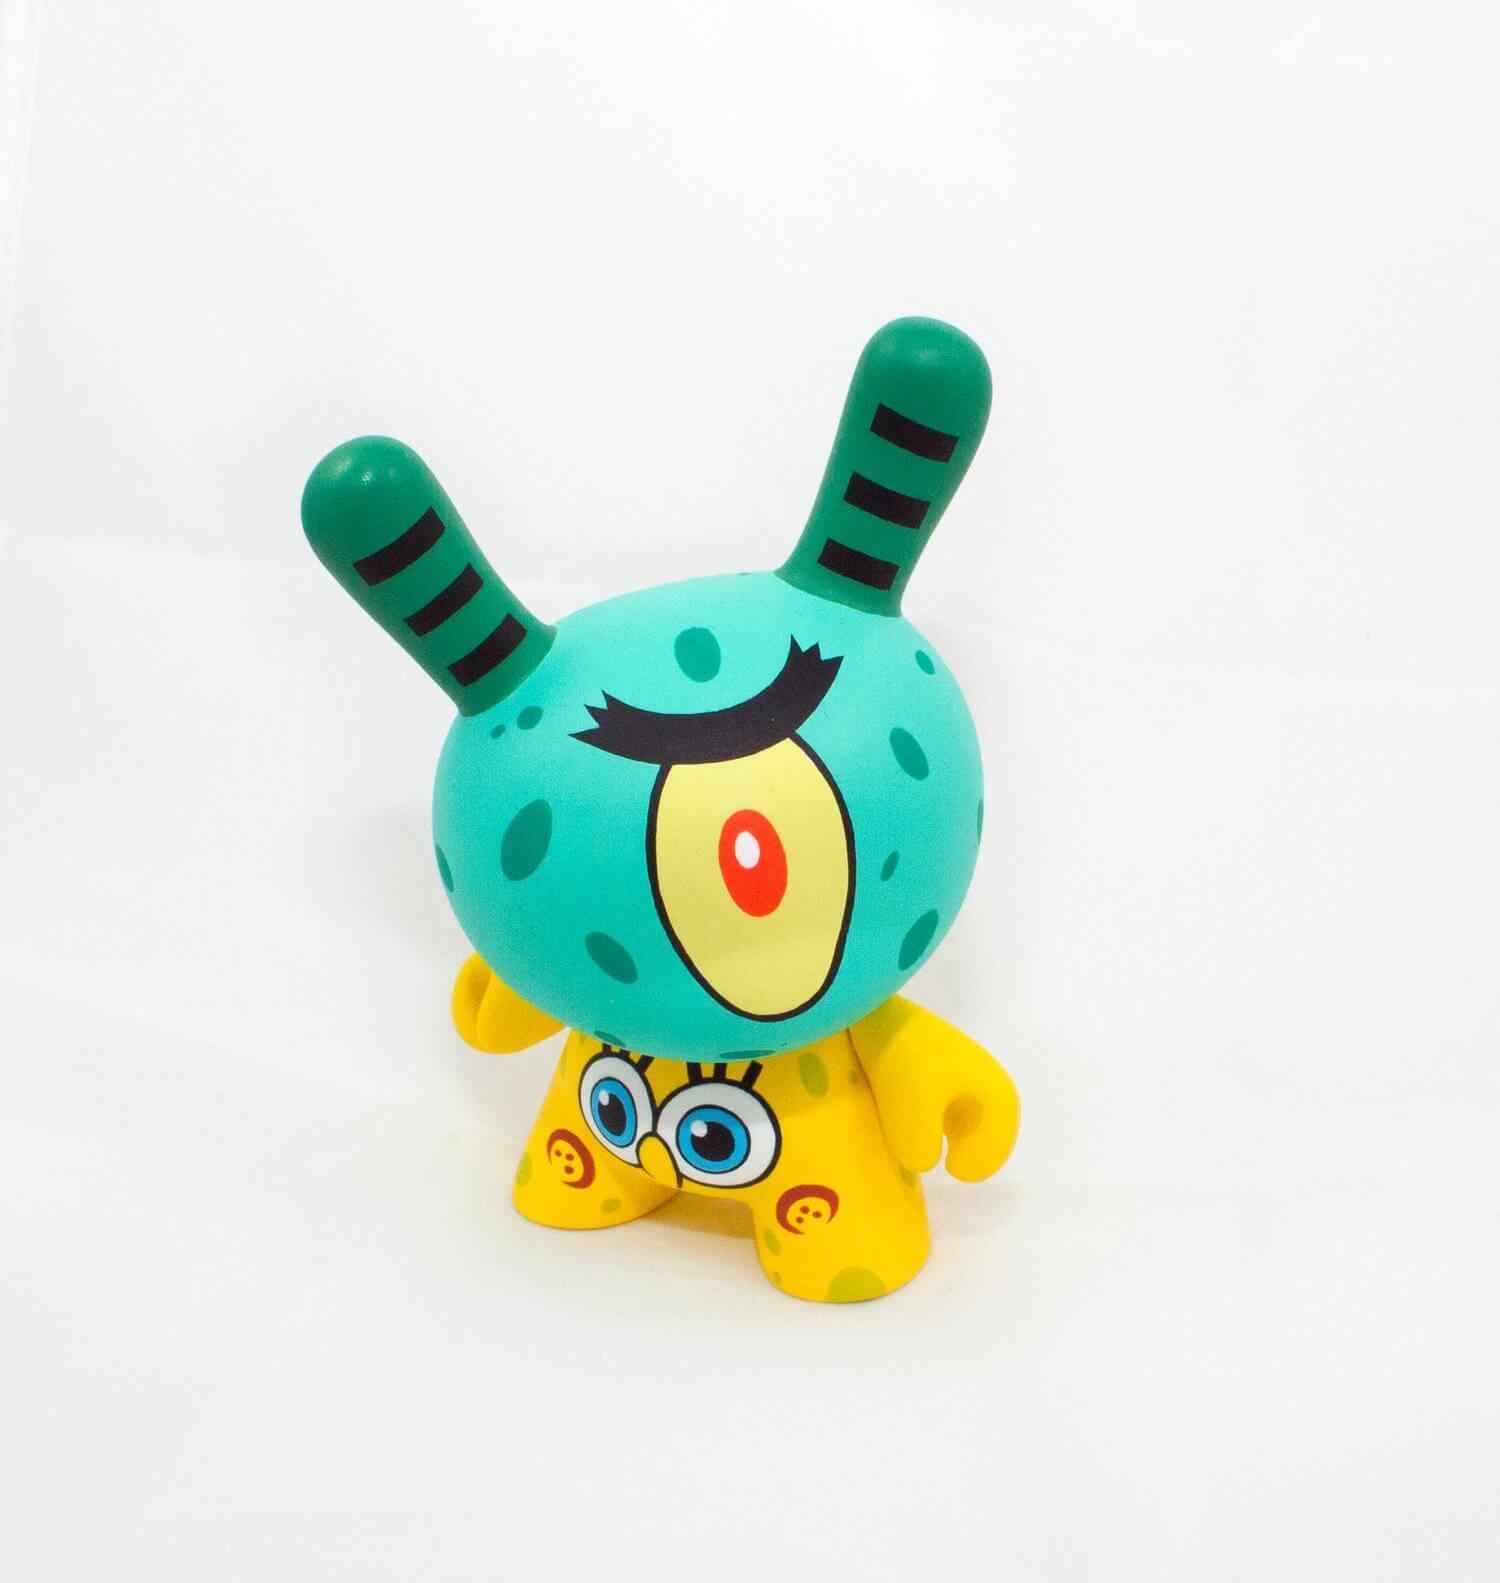 plankton-vs-spongebob-3